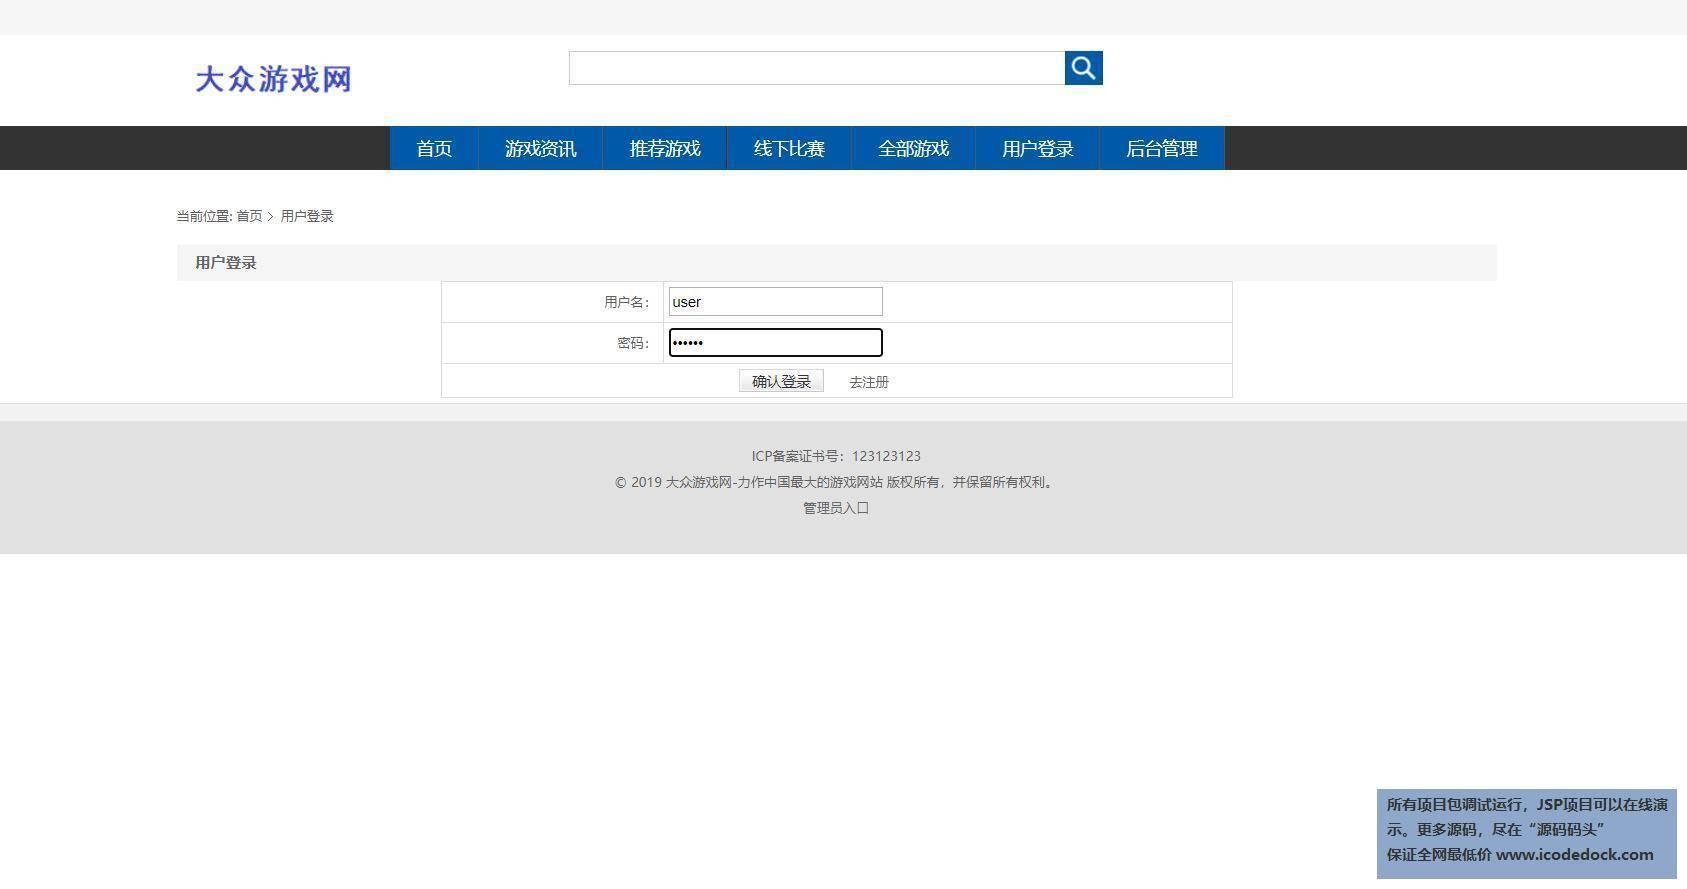 源码码头-SSM游戏点评网站-用户角色-用户登录